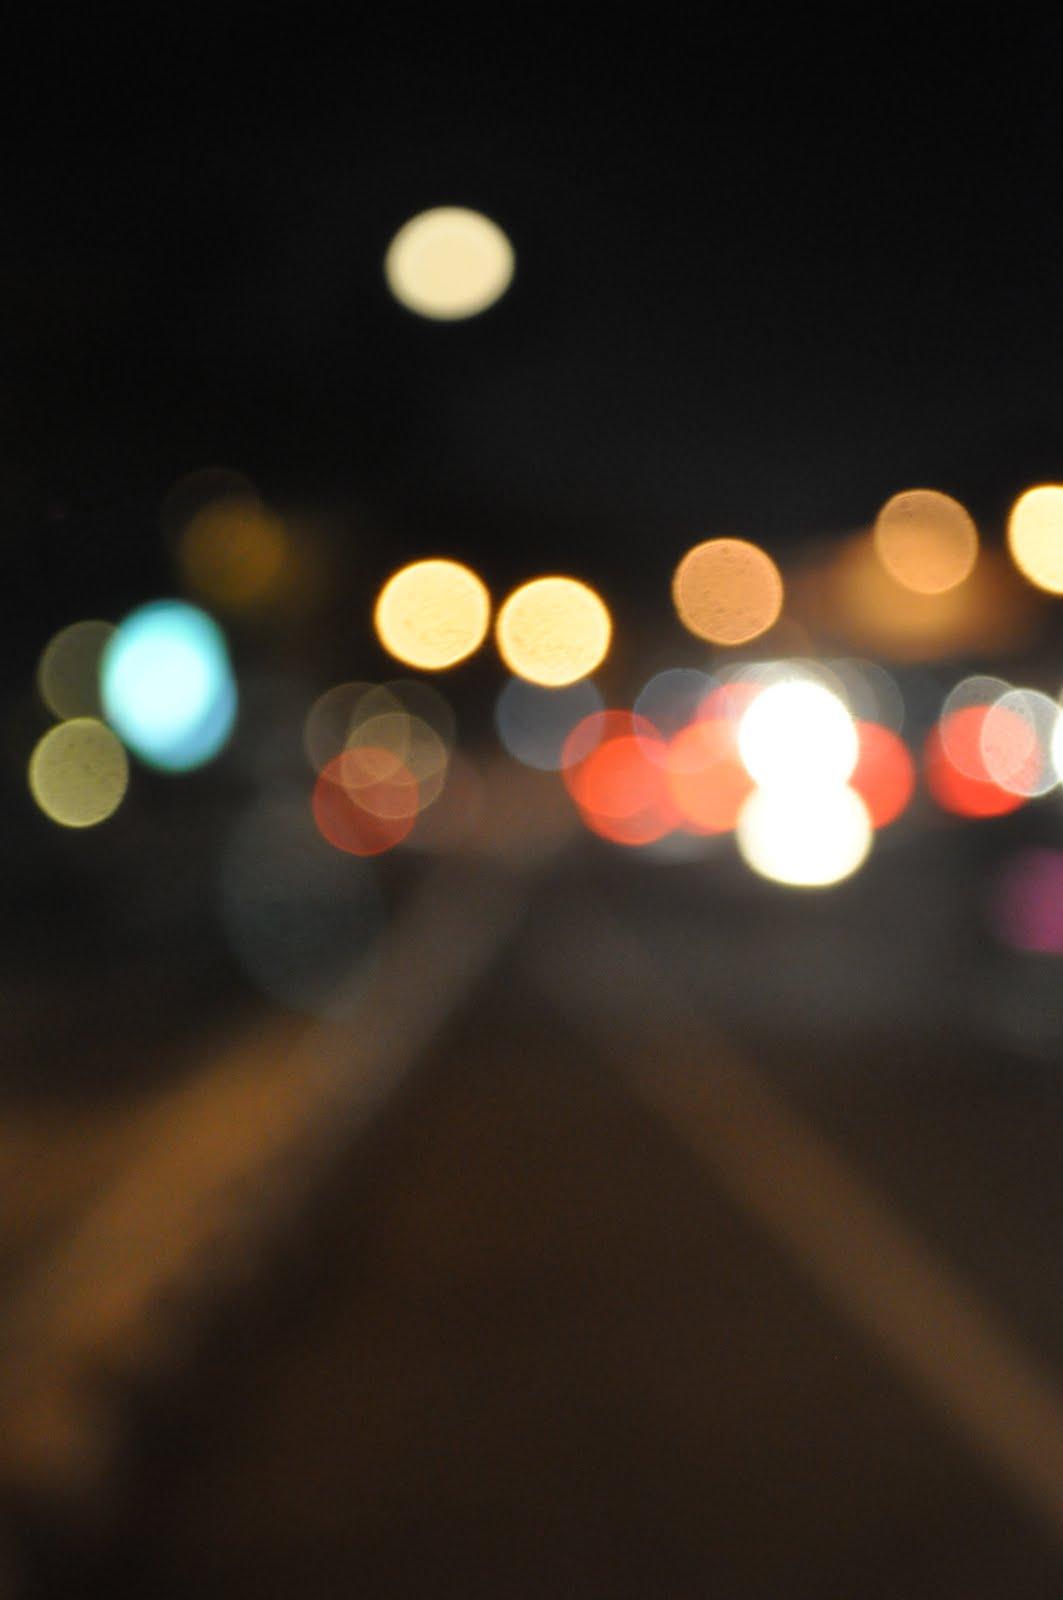 Gambar Kota Malam Hari Blur